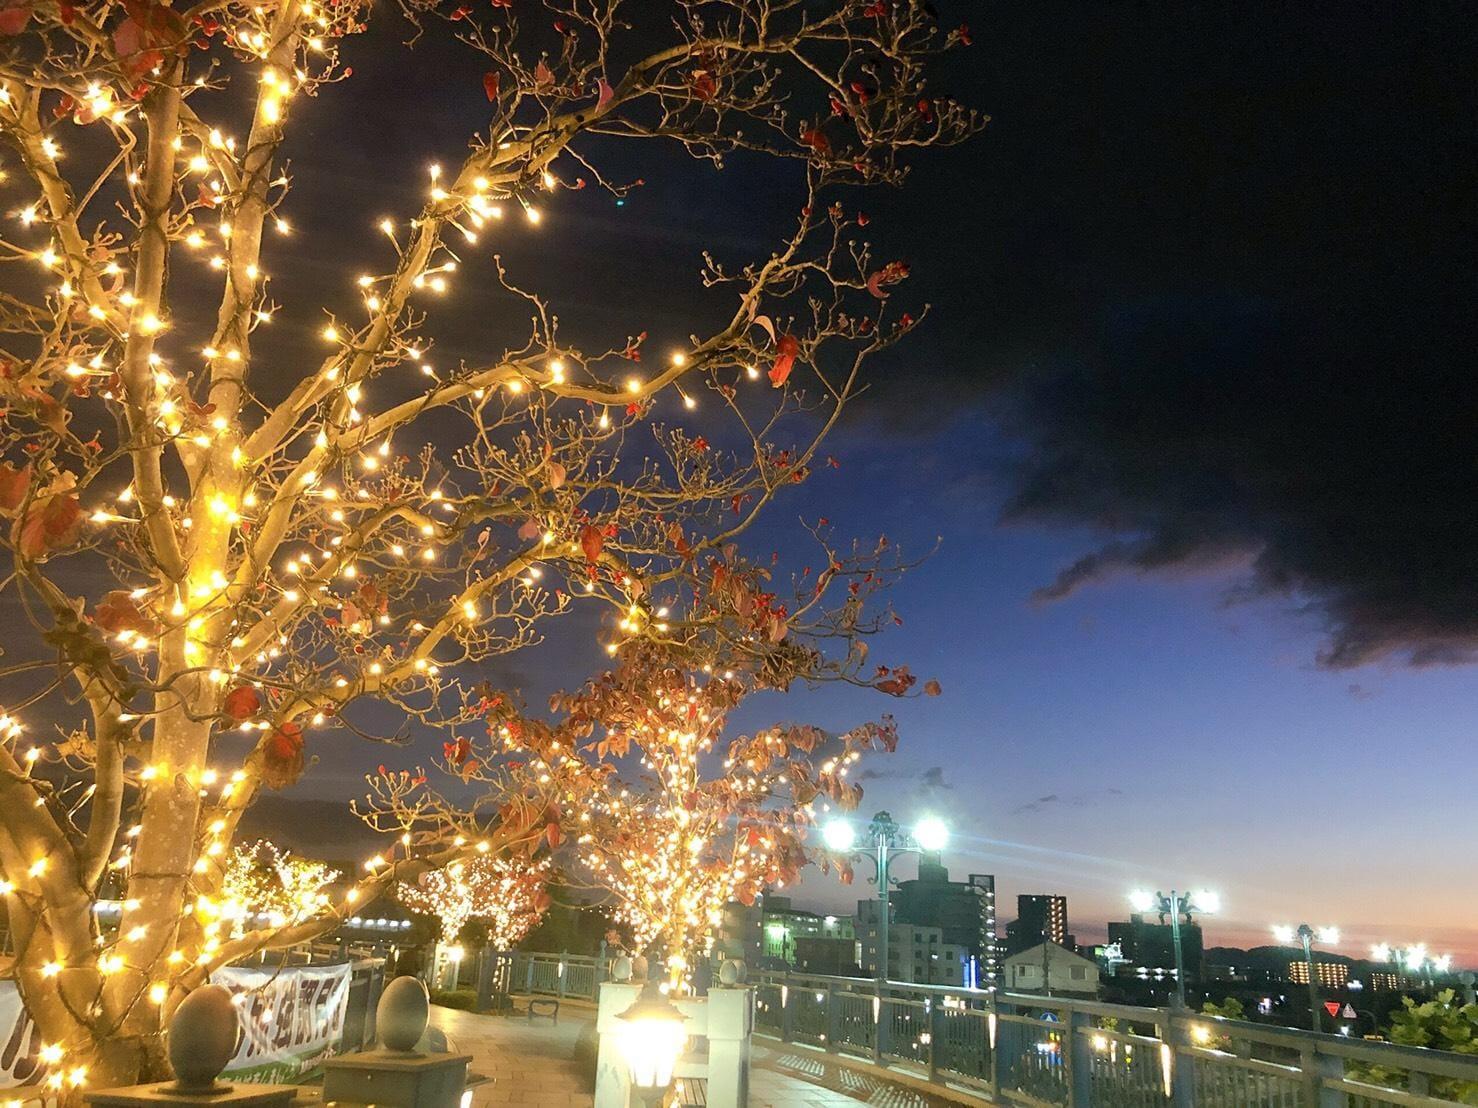 こころ「秋空と雨雲とイルミネーション」11/29(金) 20:30 | こころの写メ・風俗動画